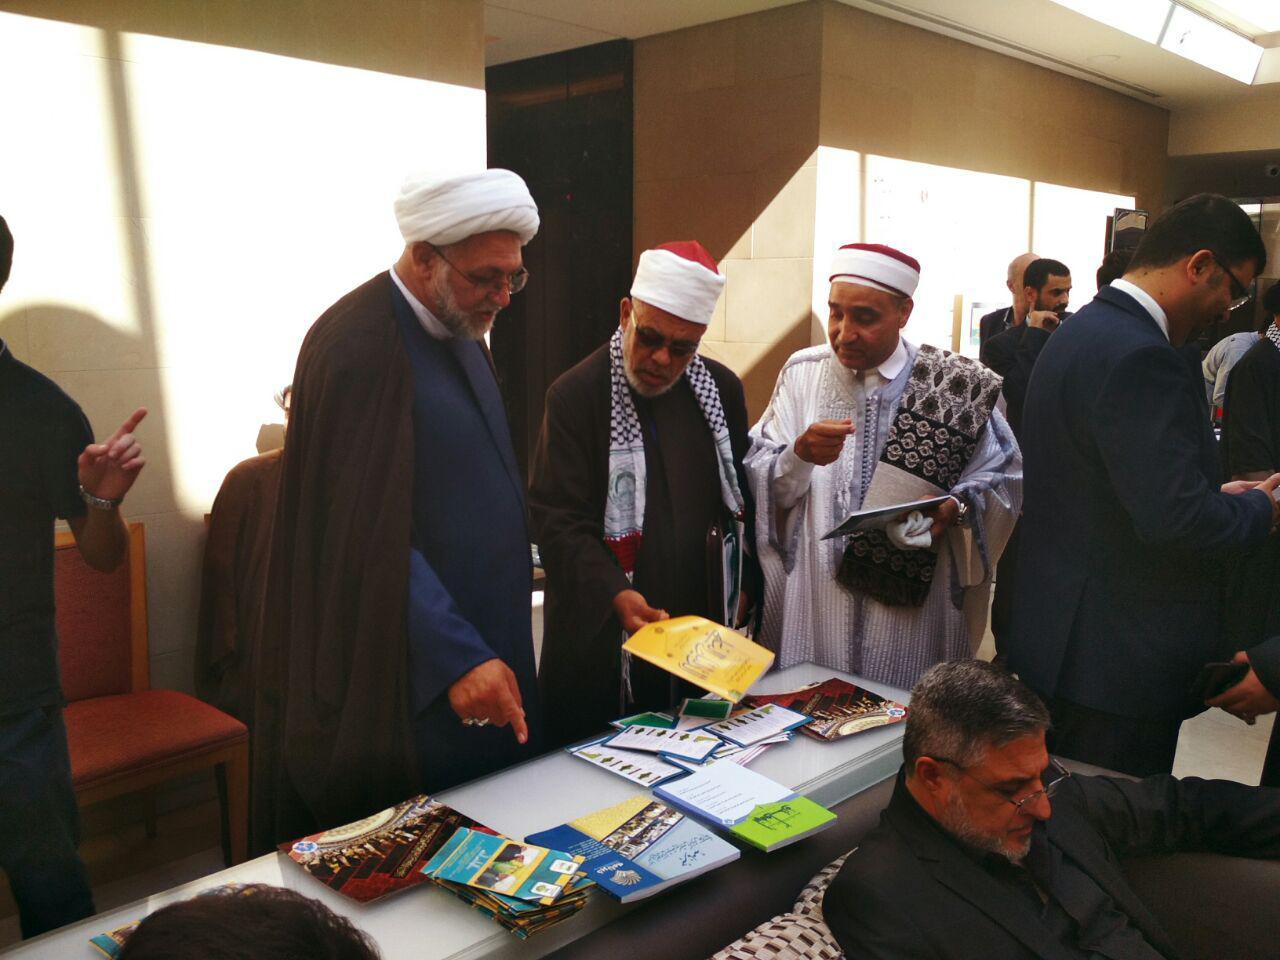 استقبال علمای جهان اسلام از محصولات ضدتکفیری+ تصاویر